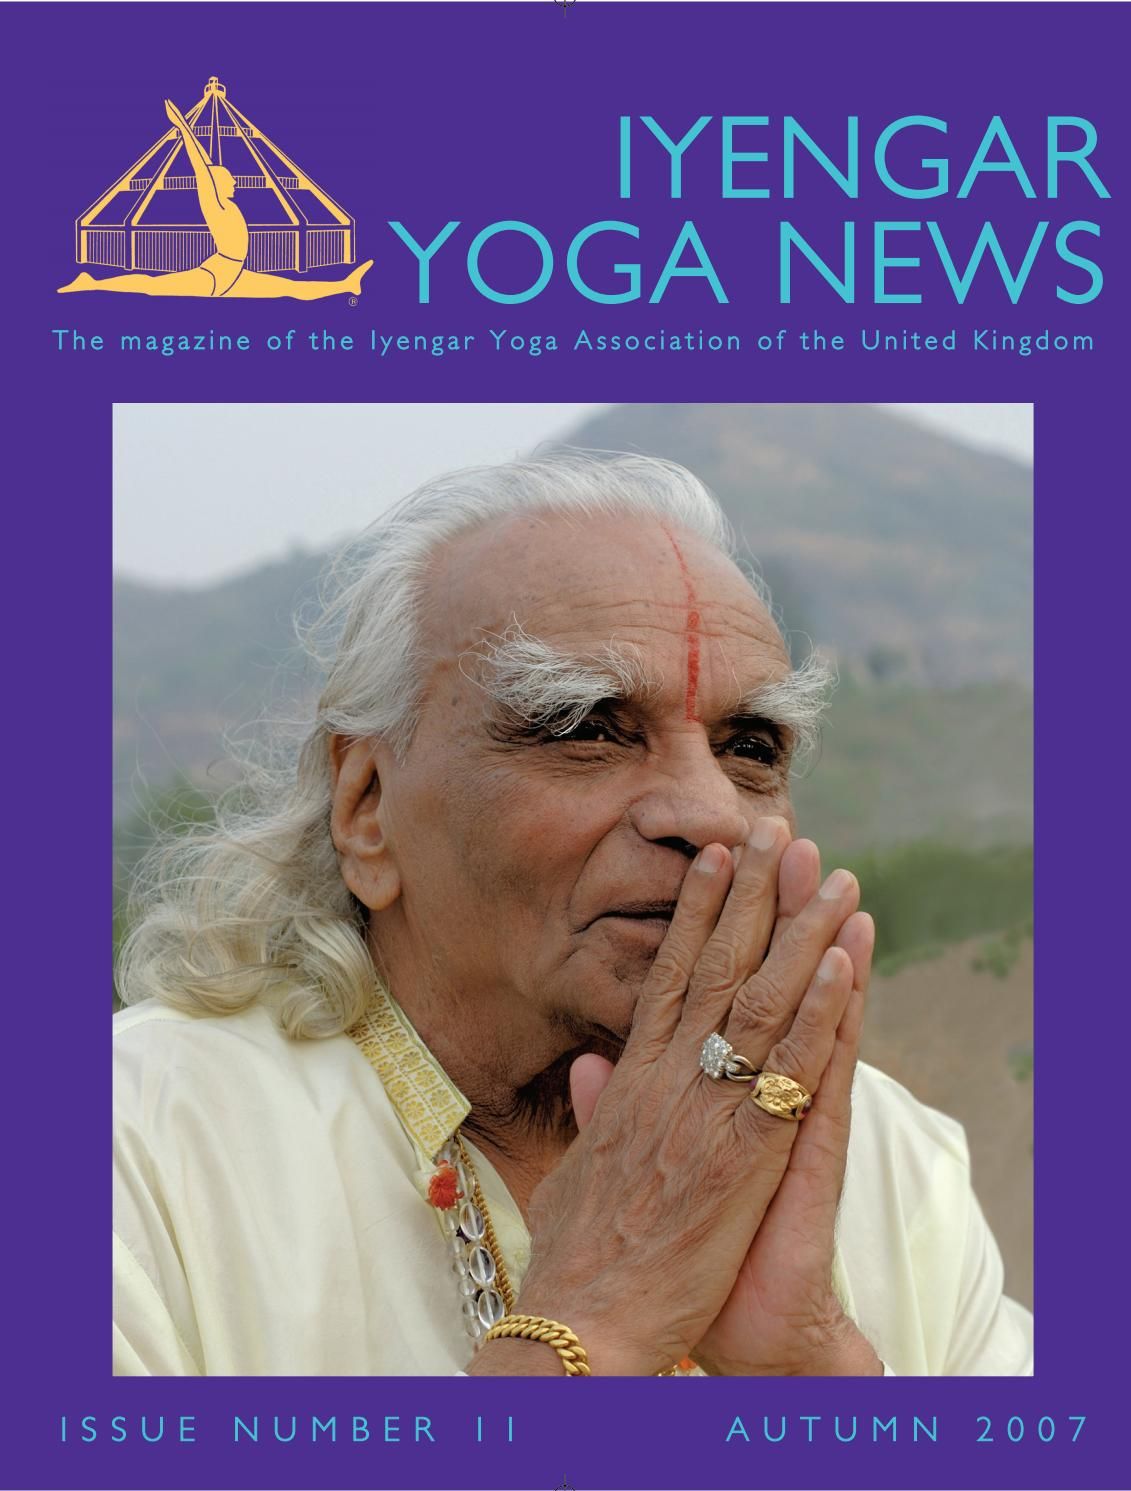 Iyengar Yoga News Issue 11 Autumn 2007 By Iyengar Yoga Uk Issuu